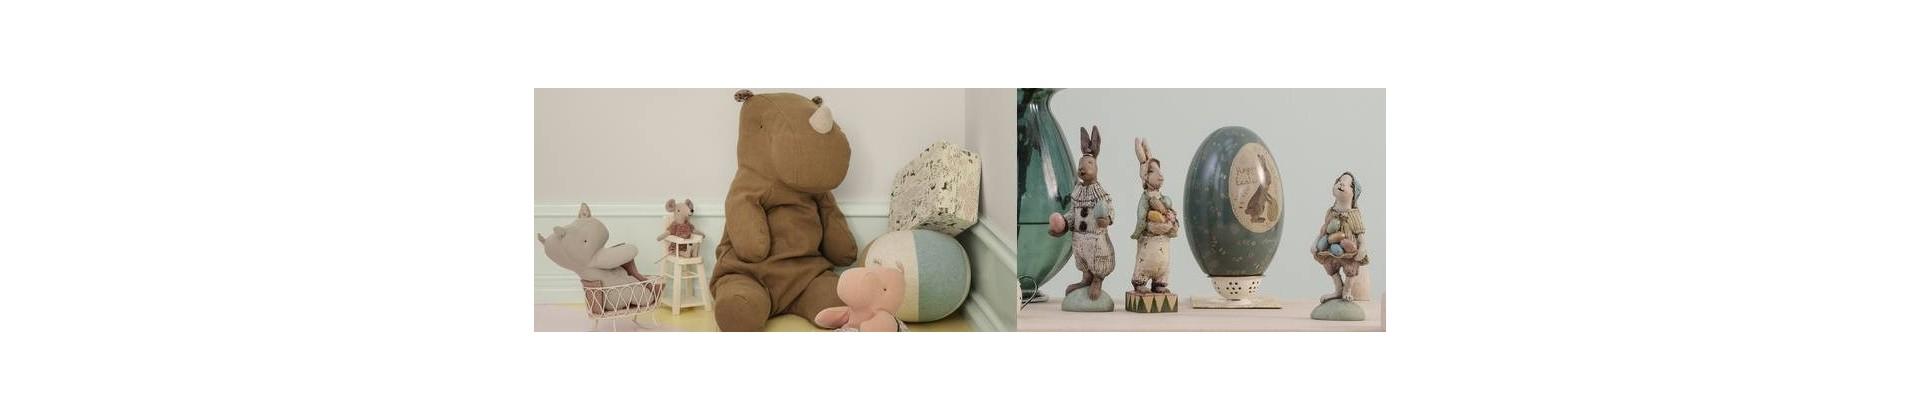 Maileg toys - Shop online